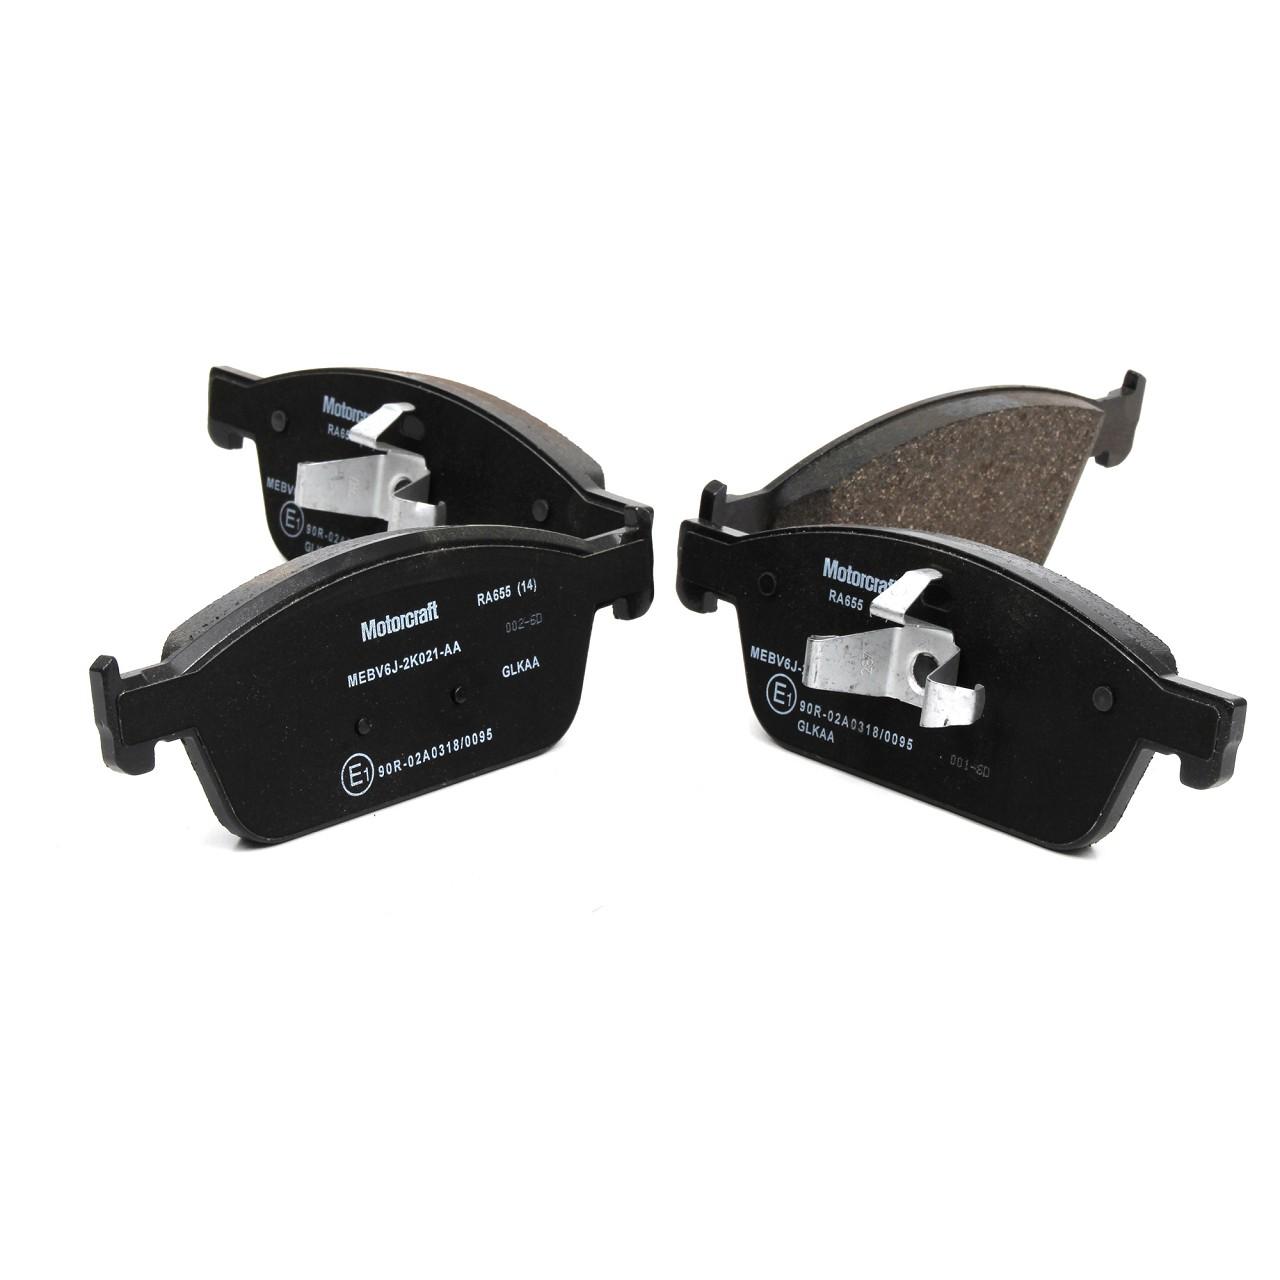 ORIGINAL Ford Bremsscheiben + Motorcraft Bremsbeläge FOCUS III 2.0 ST vorne